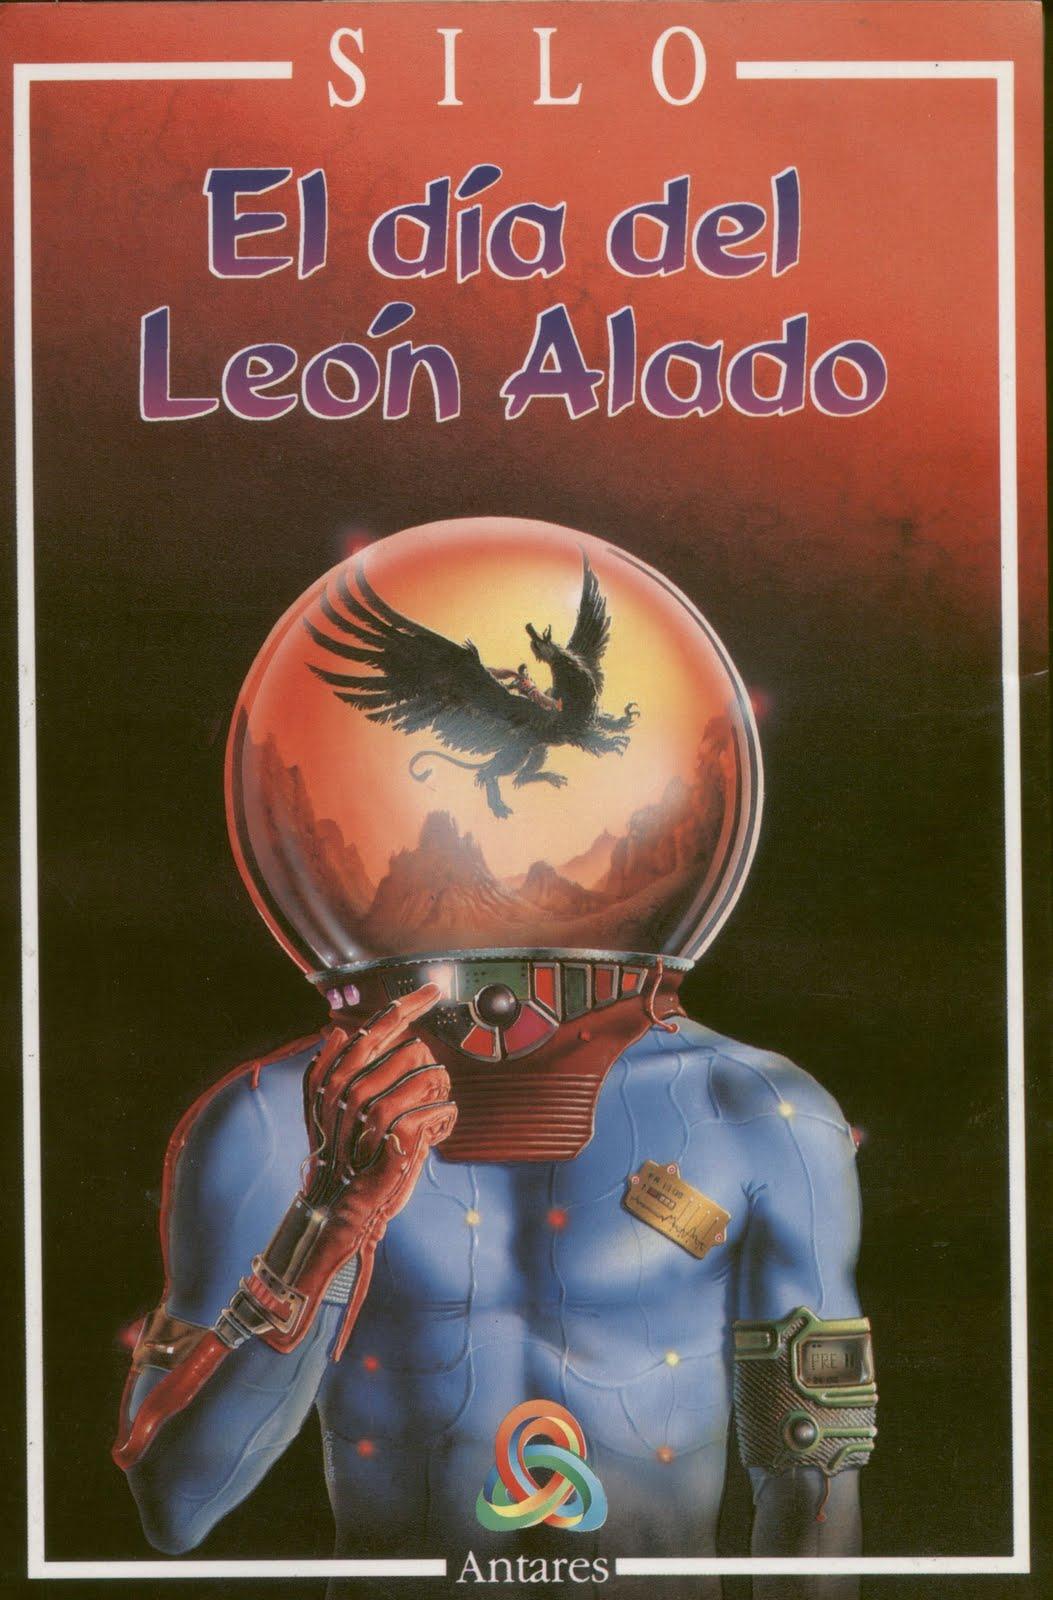 https://3.bp.blogspot.com/-eiX3Pn3t78I/TaVcN1hhe0I/AAAAAAAAADQ/7s0FGTutPoY/s1600/el+dia+del+leon+alado.jpeg